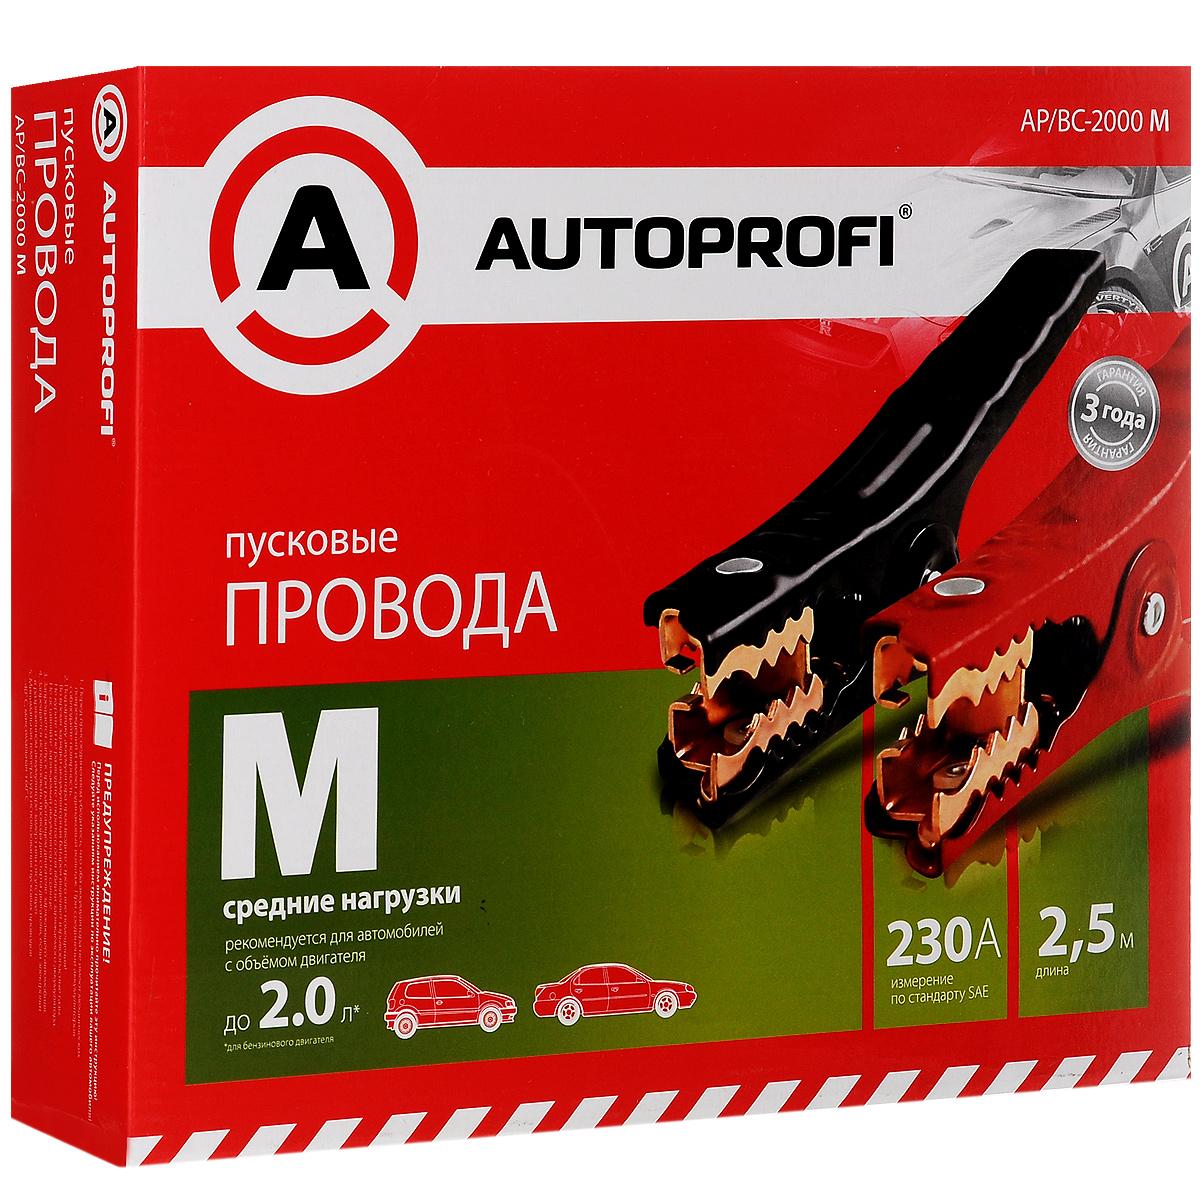 Провода пусковые Autoprofi М, средние нагрузки, 8,37 мм2, 230 A, 2,5 мAP/BC - 2000 MПусковые провода Autoprofi М сделаны по американскому стандарту SAE J1494. Это значит, что падение напряжение ни при каких условиях не превышает 2,5 В. Ручки пусковых проводов не нагреваютсядо уровня, способного навредить человеку. Технологически это достигается использованием проводов из толстой алюминиевой жилы с медным напылением, а также надежной термопластовой изоляцией.Данные провода рекомендованы для автомобилей с бензиновым двигателем объемом до 2 л.Сумка для переноски и хранения в комплекте.Ток нагрузки: 230 А.Длина провода: 2,5 м.Сечение проводника: 8,37 мм2.Диапазон рабочих температур: от -40°С до +60°С.